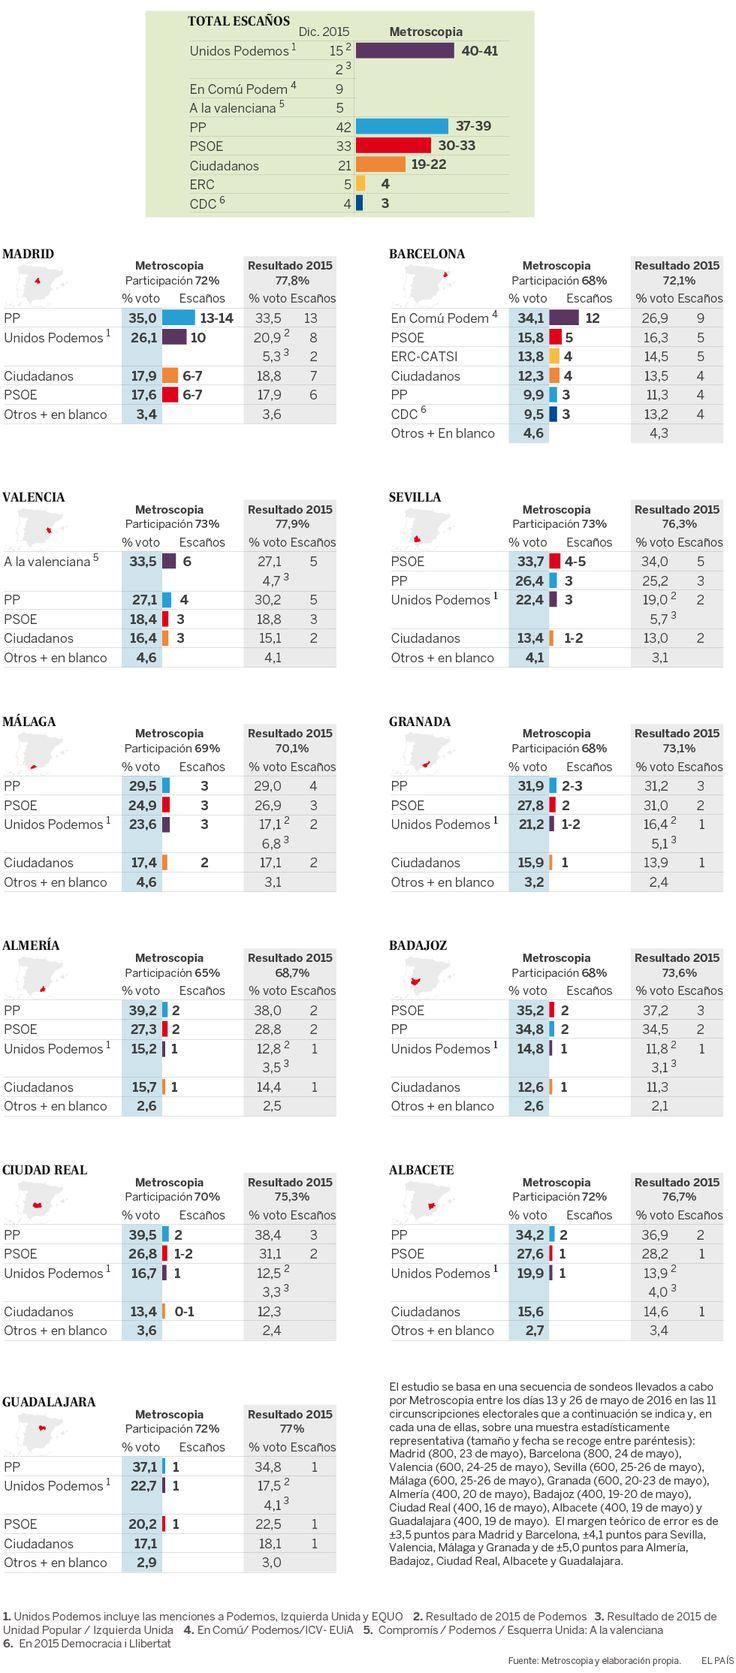 Estimación del resultado electoral en 11 provincias con especial significación estratégica